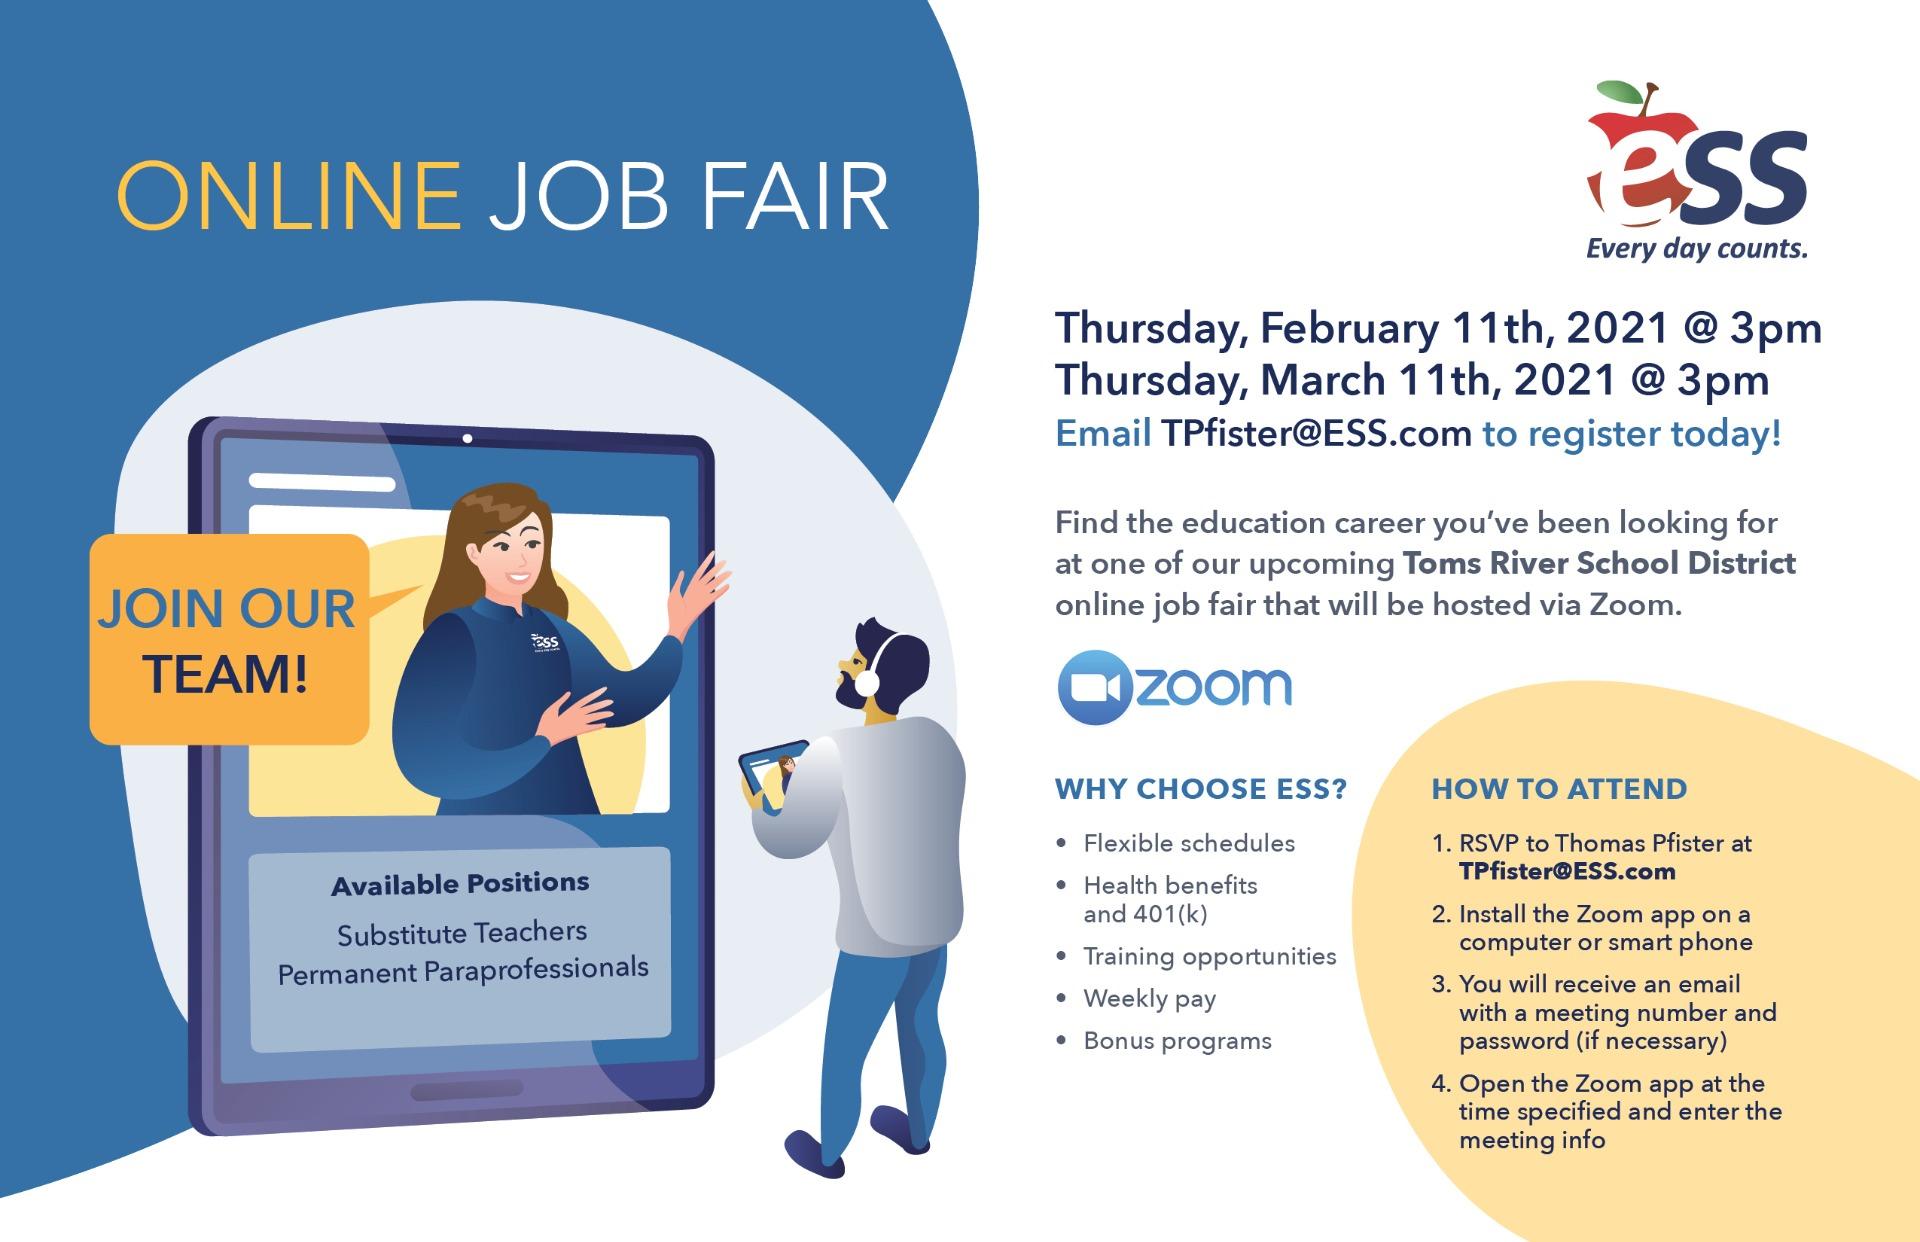 ESS Online Job Fair